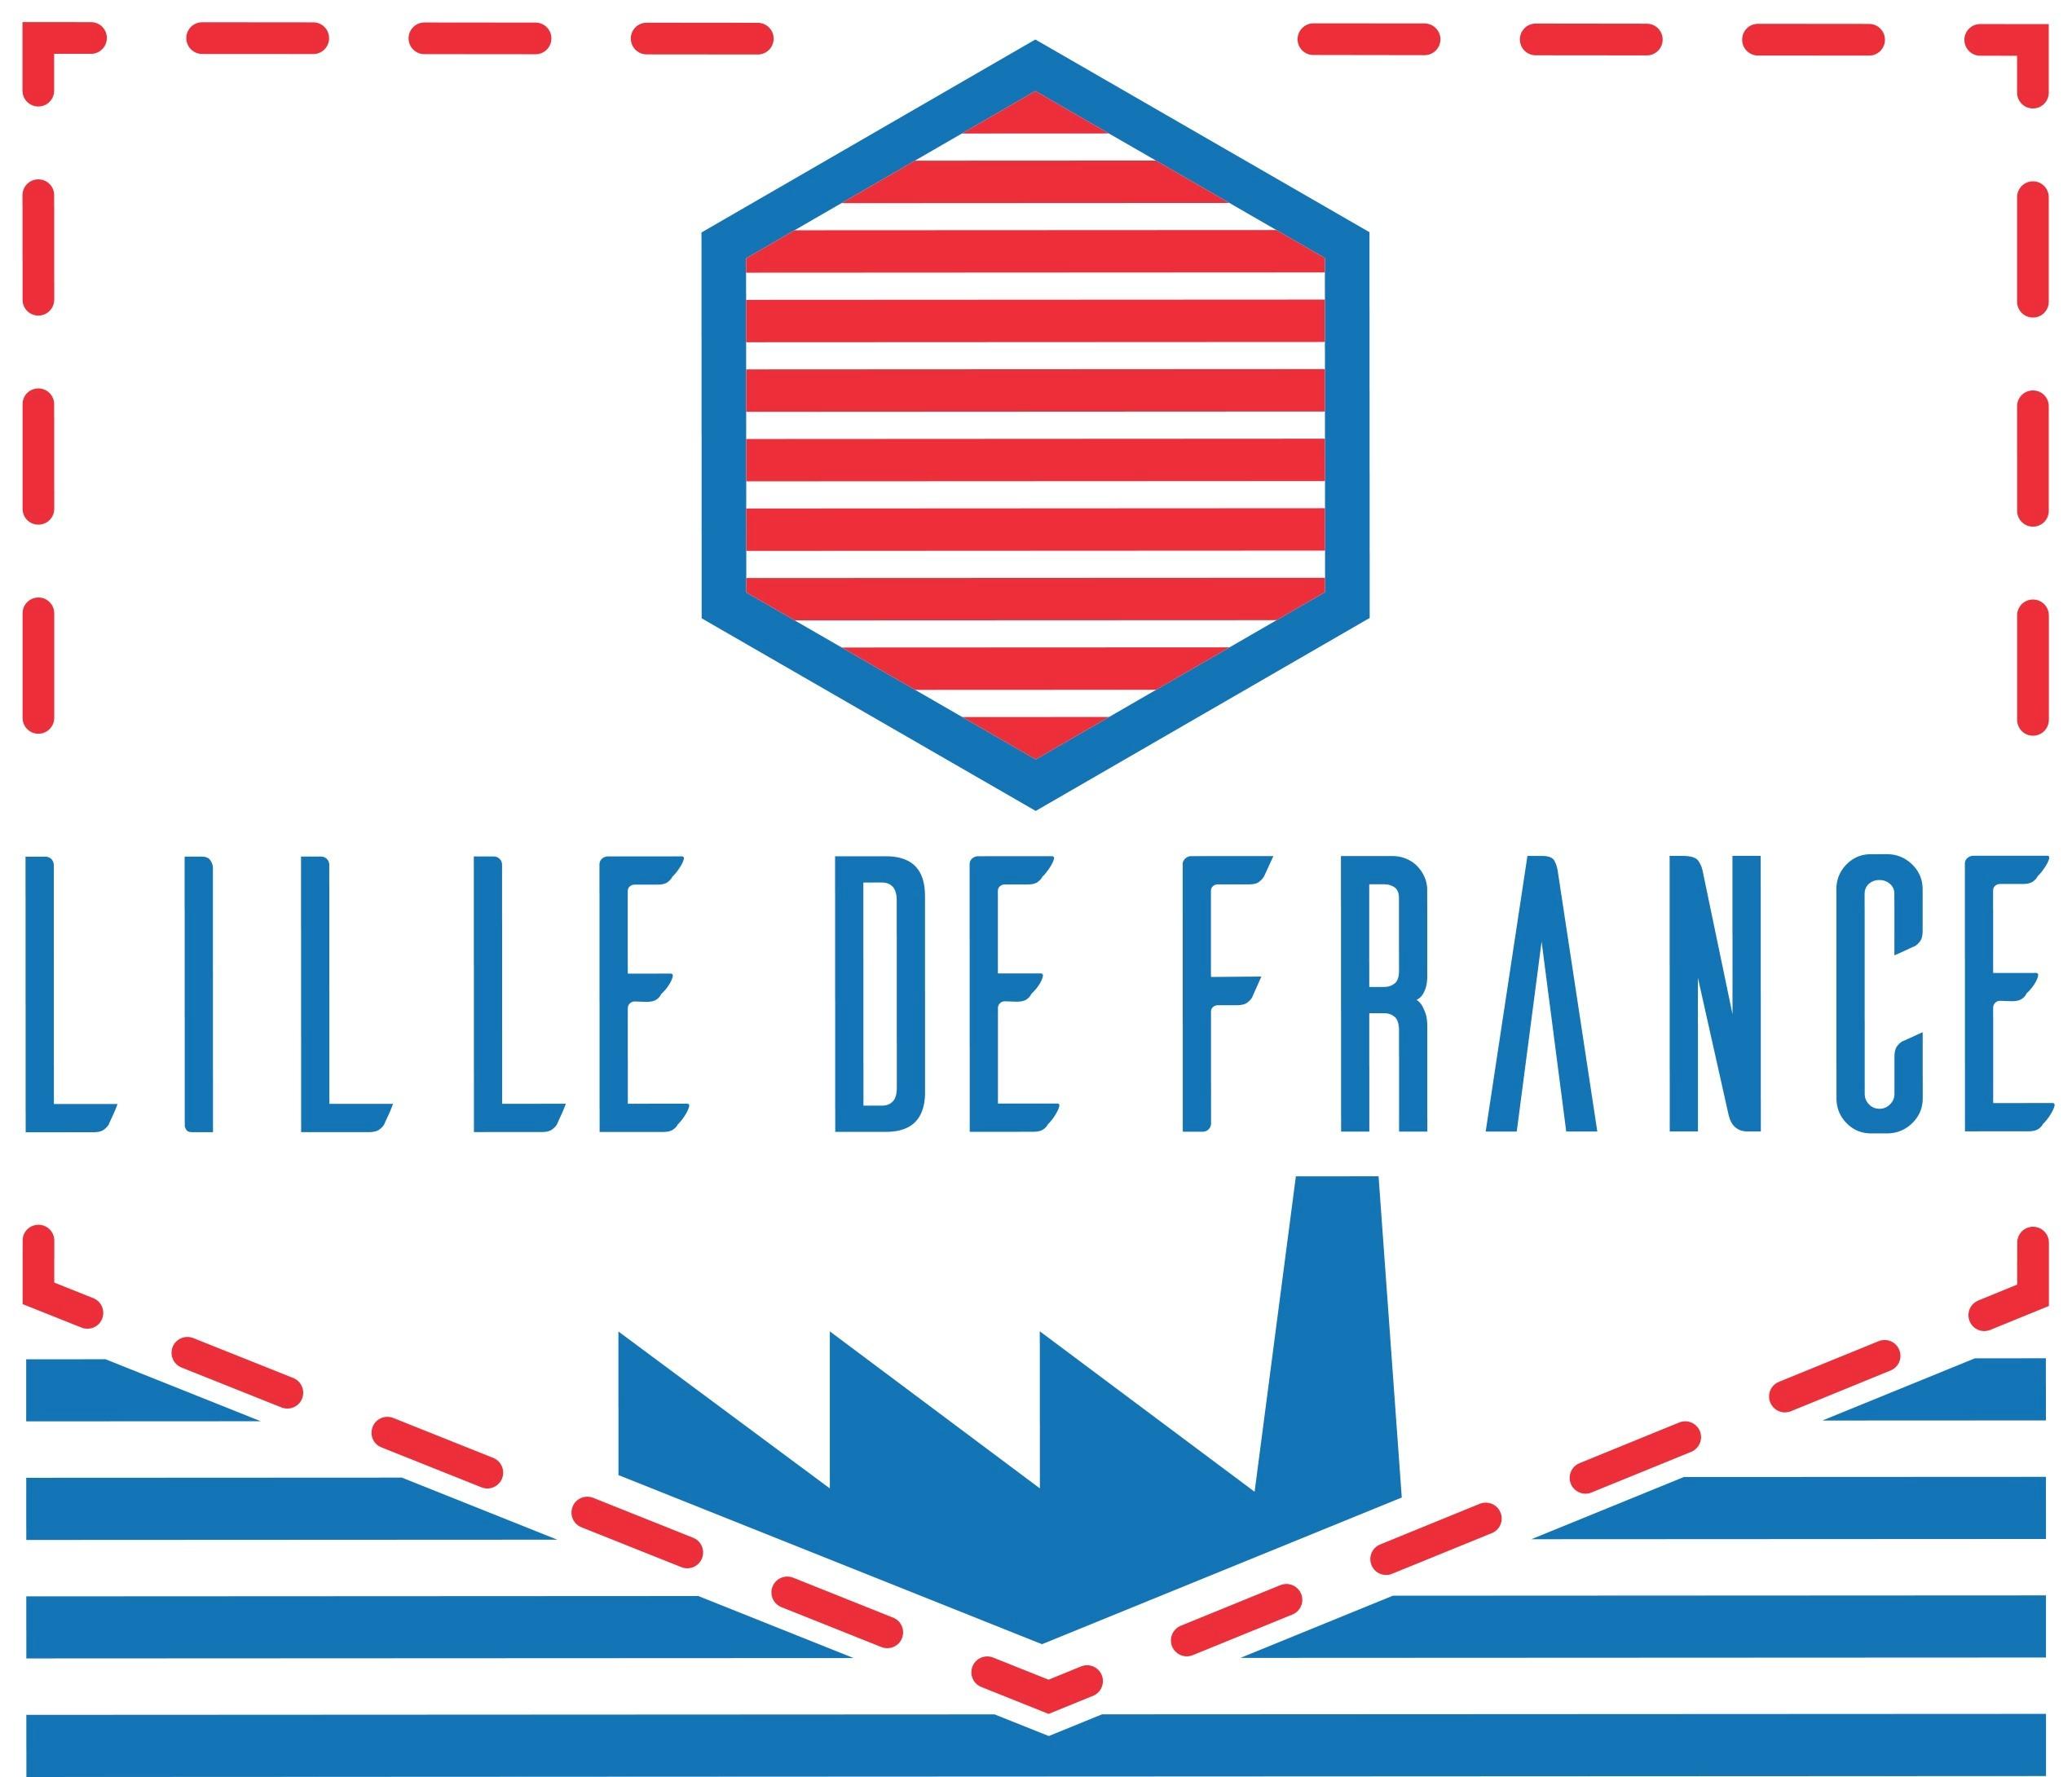 Fournisseur du concept-store Lille de France